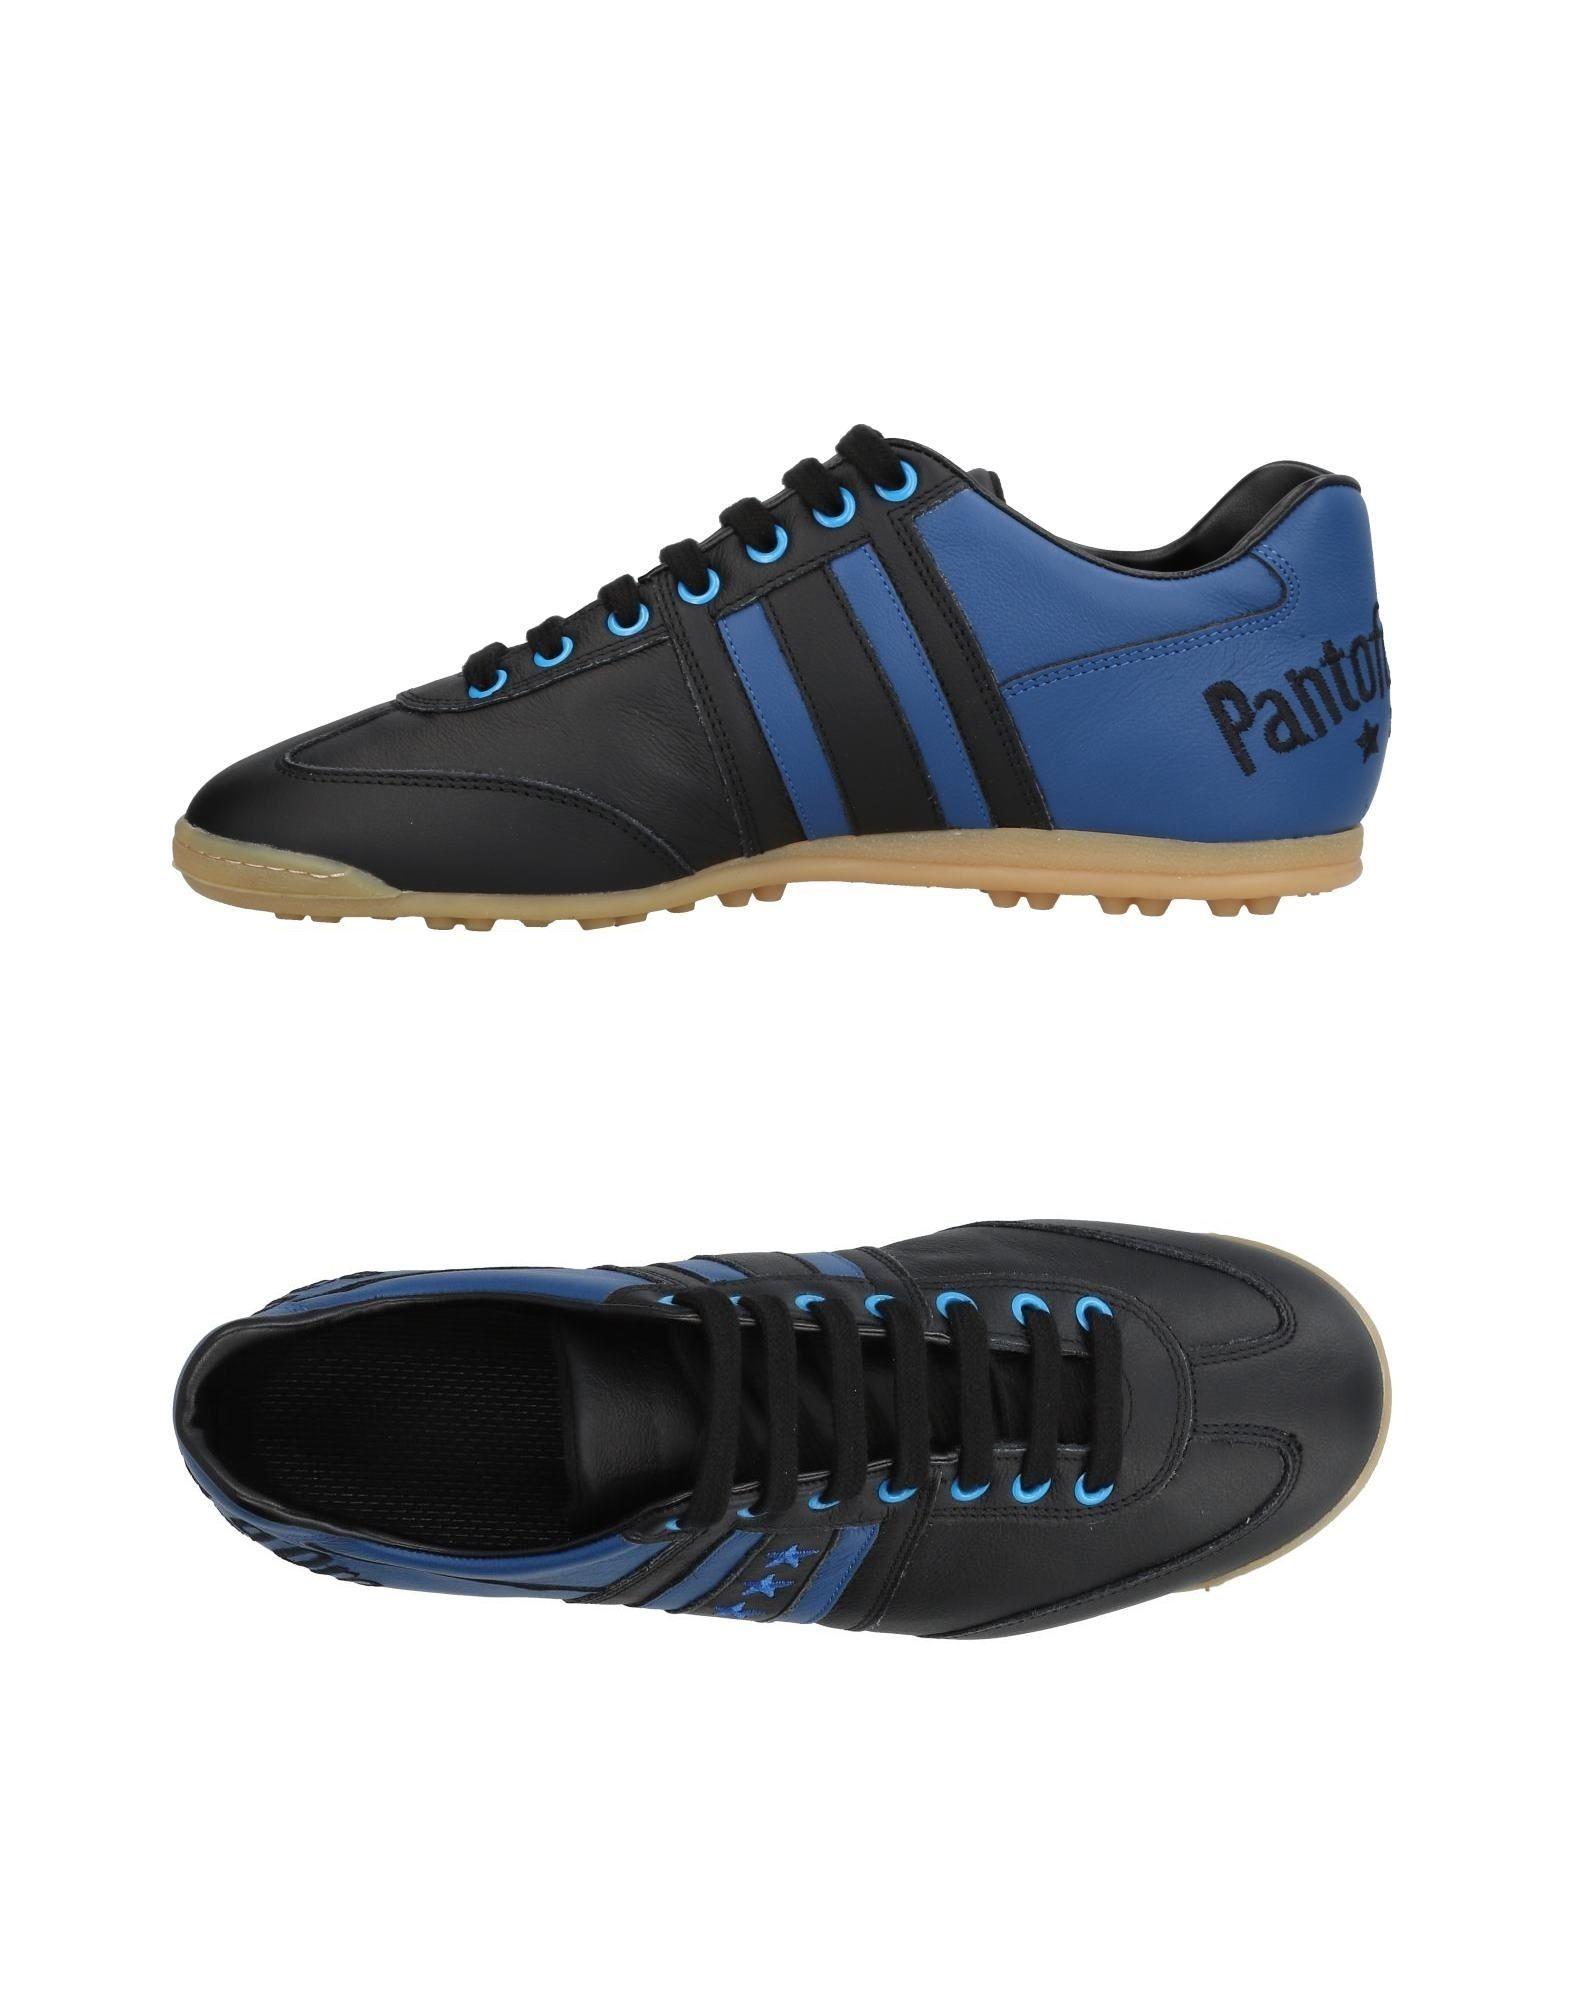 Pantofola D'oro Sneakers Herren  11456546RT